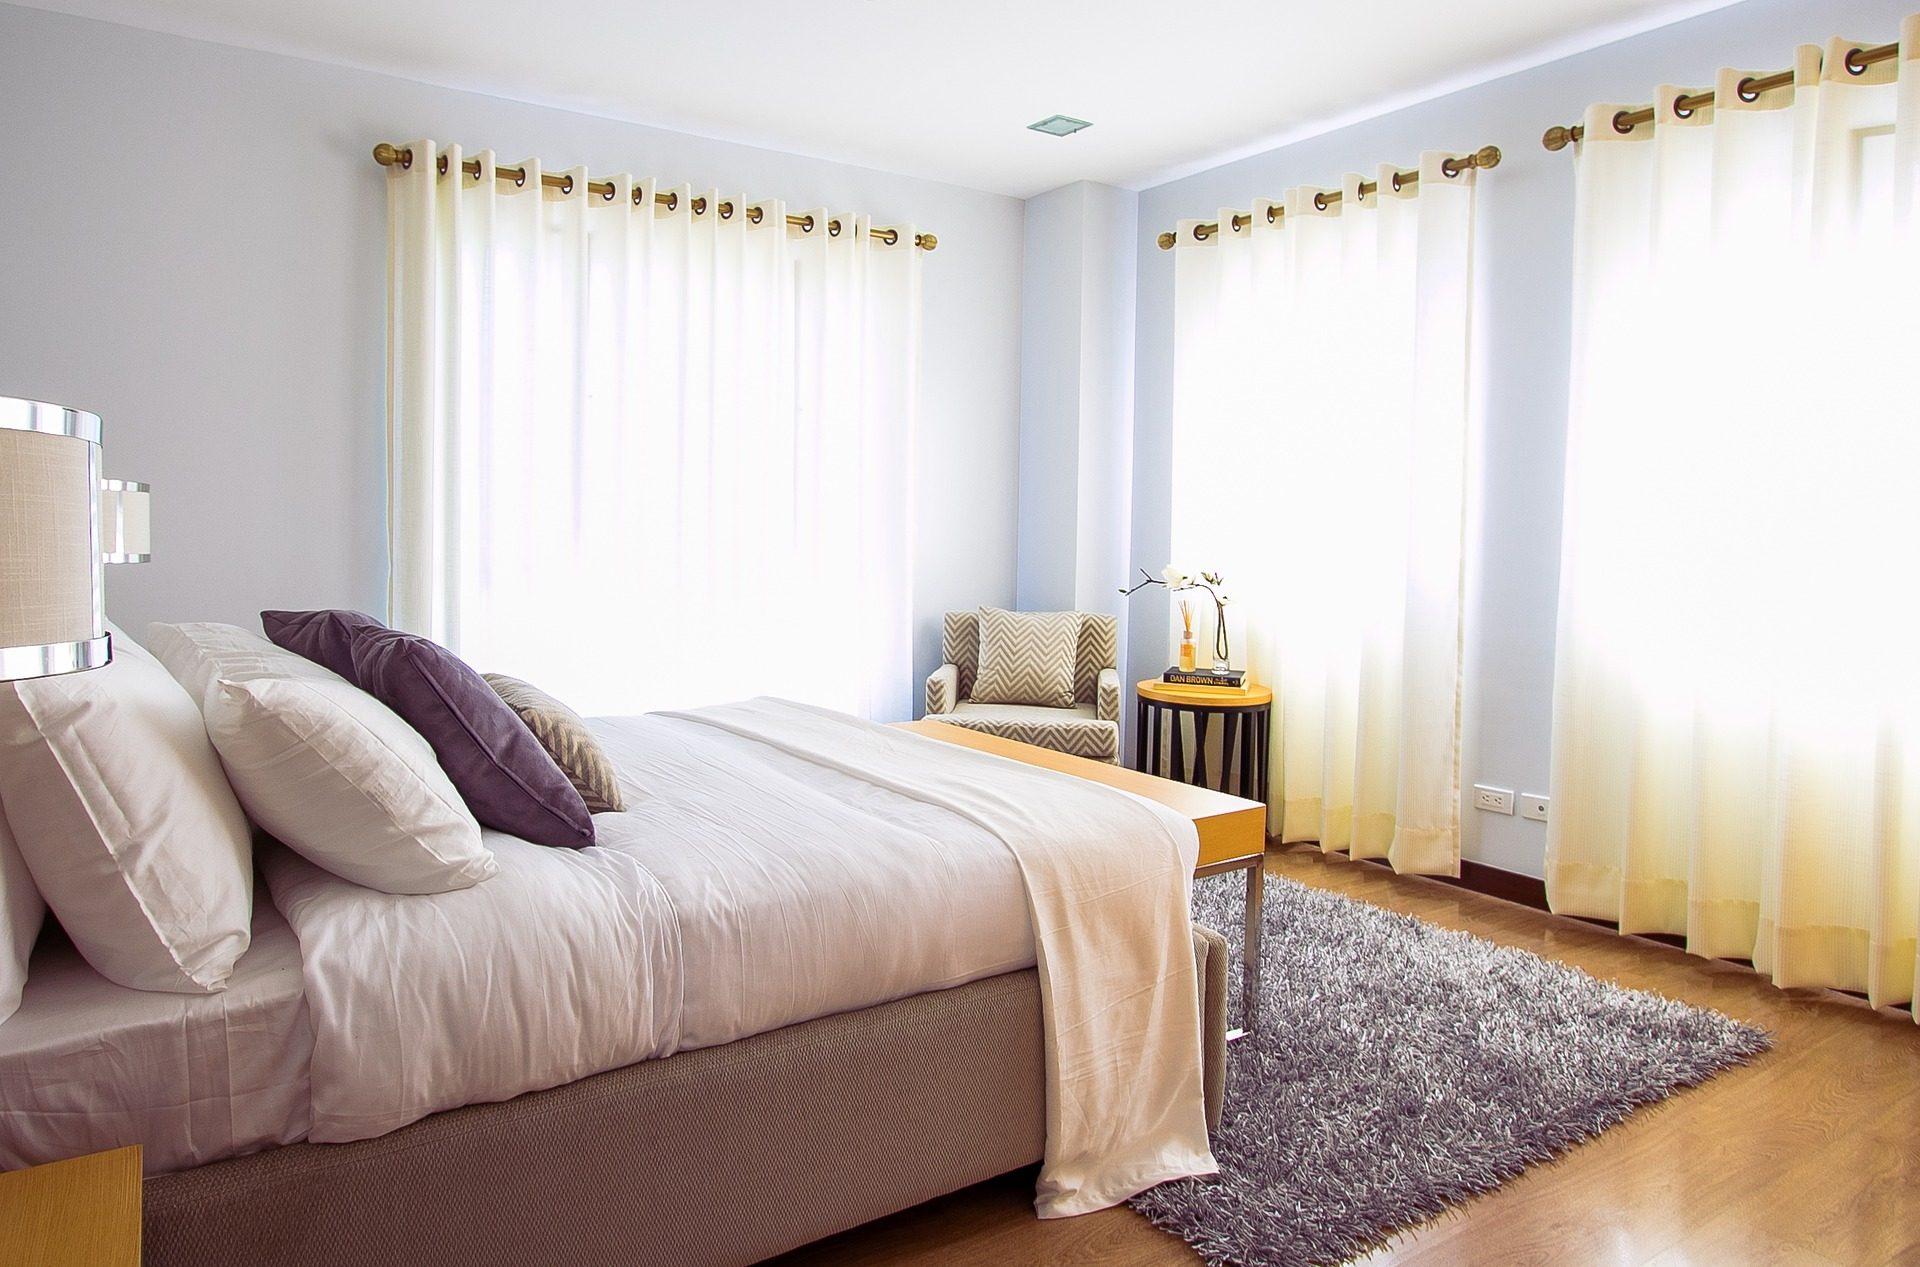 Come Pulire Materasso Memory come pulire la camera da letto in modo veloce ed efficace